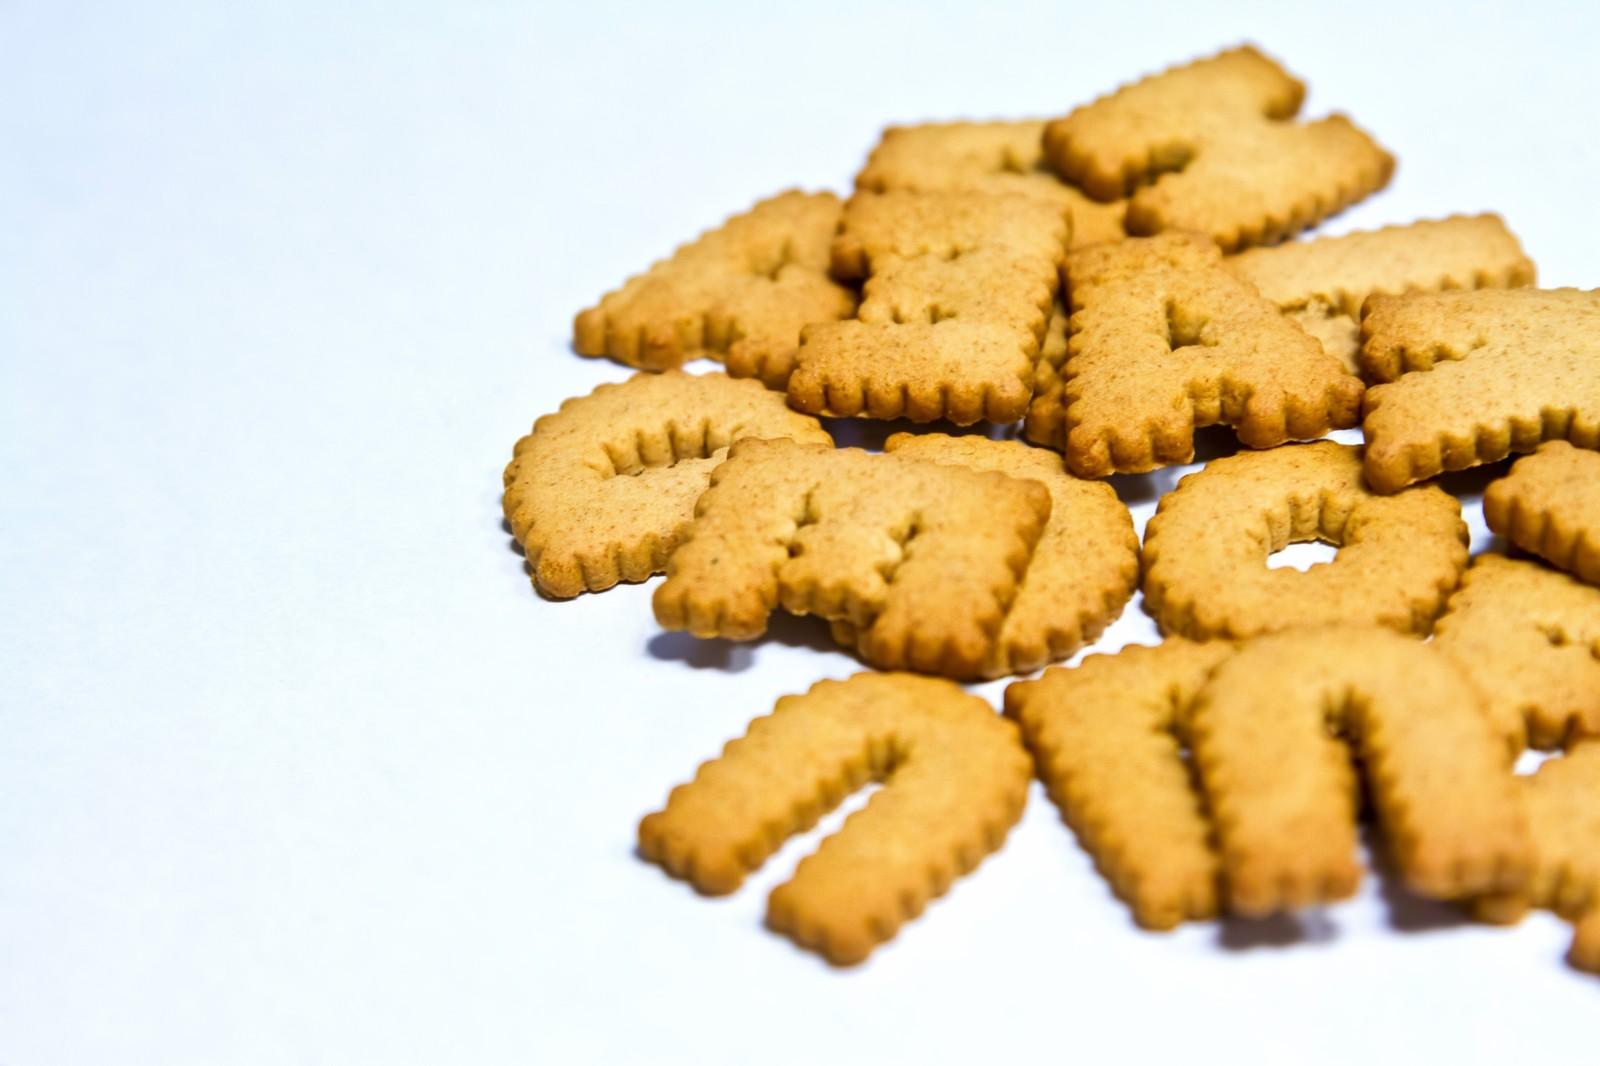 【知らない人は必読】cookie(クッキー)って知ってますか?これ超大切です!